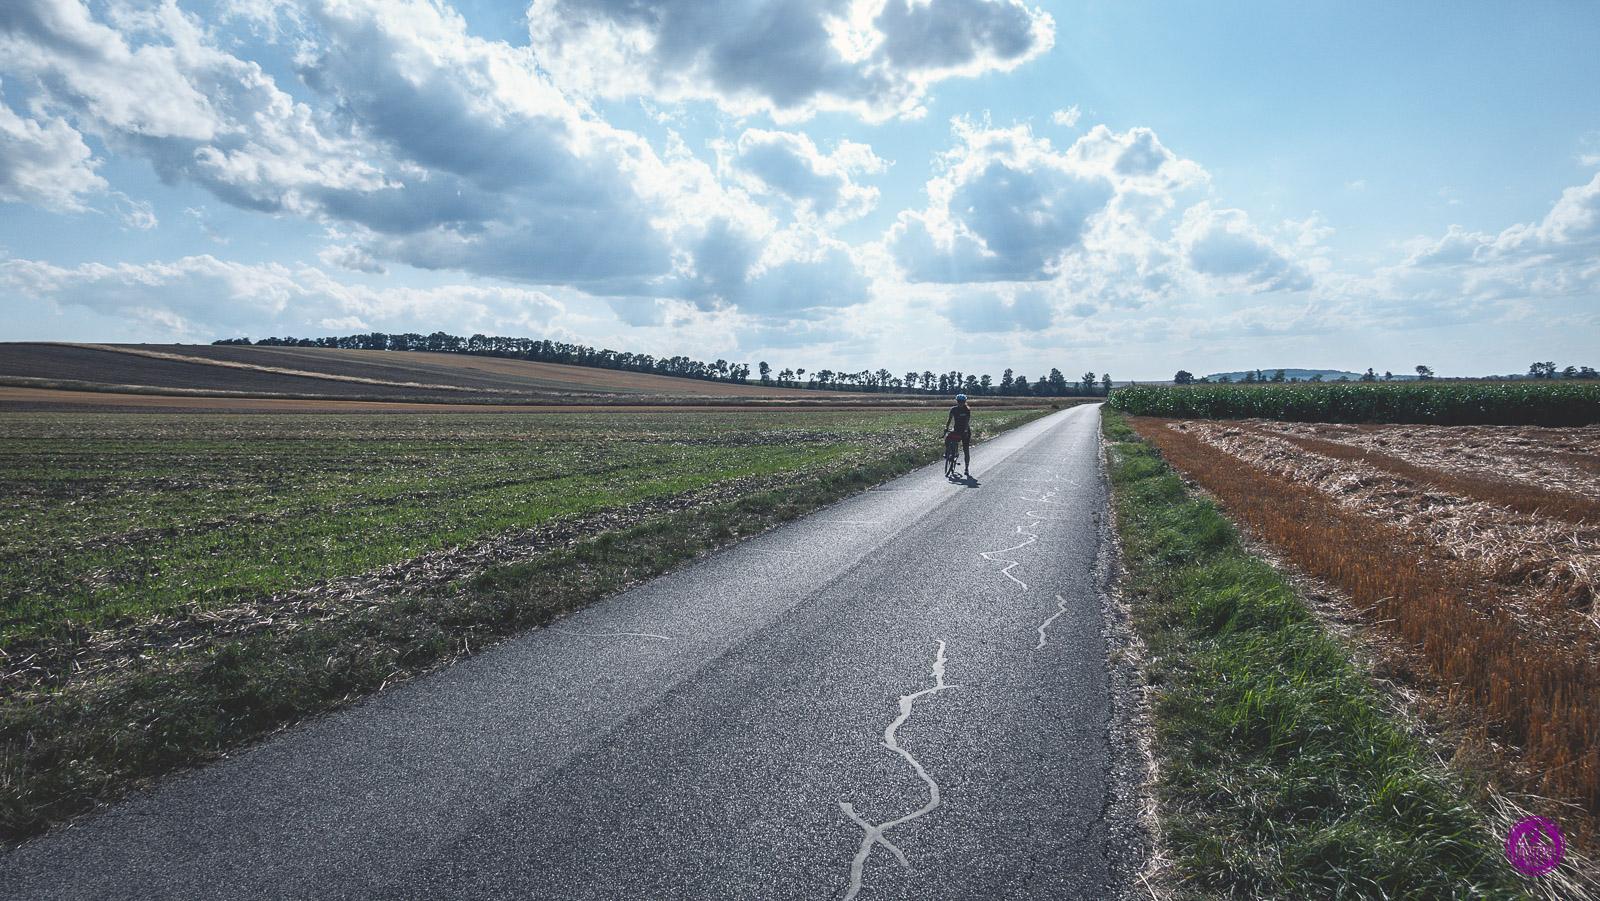 Szlak Żelaznej Kurtyny